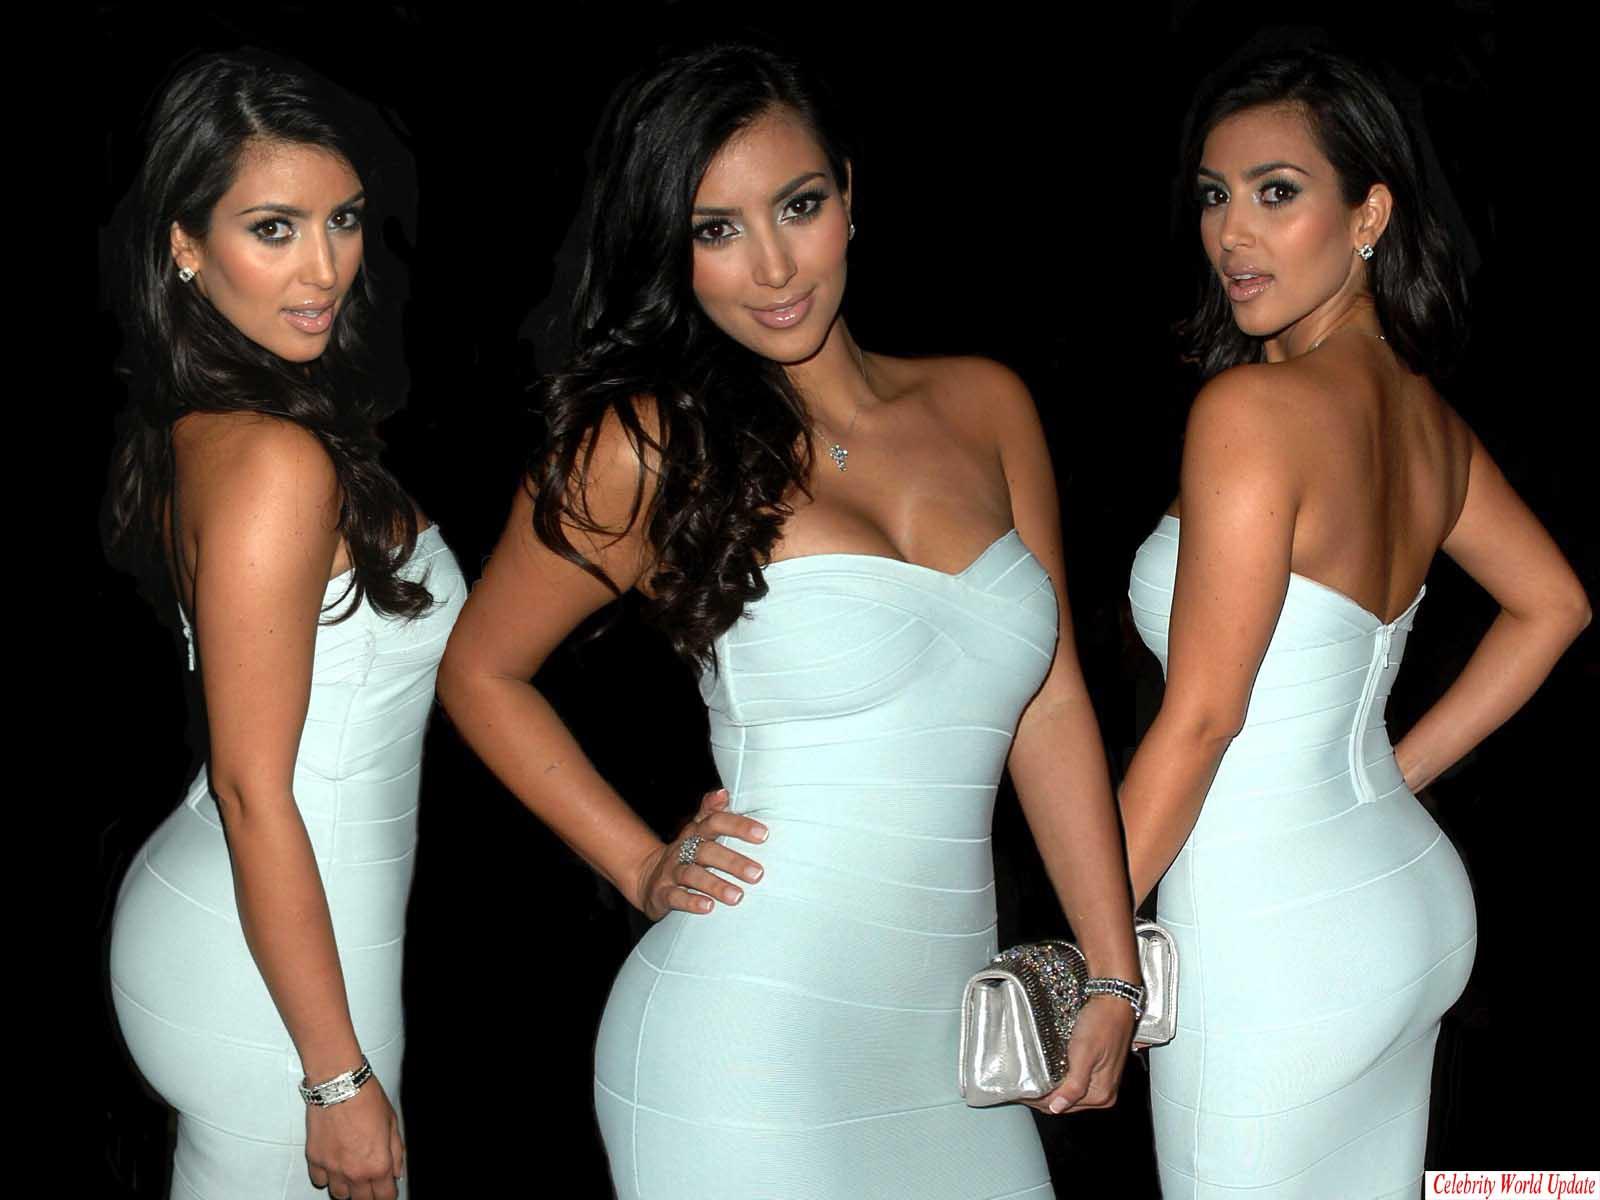 Kim kardashian s wedding